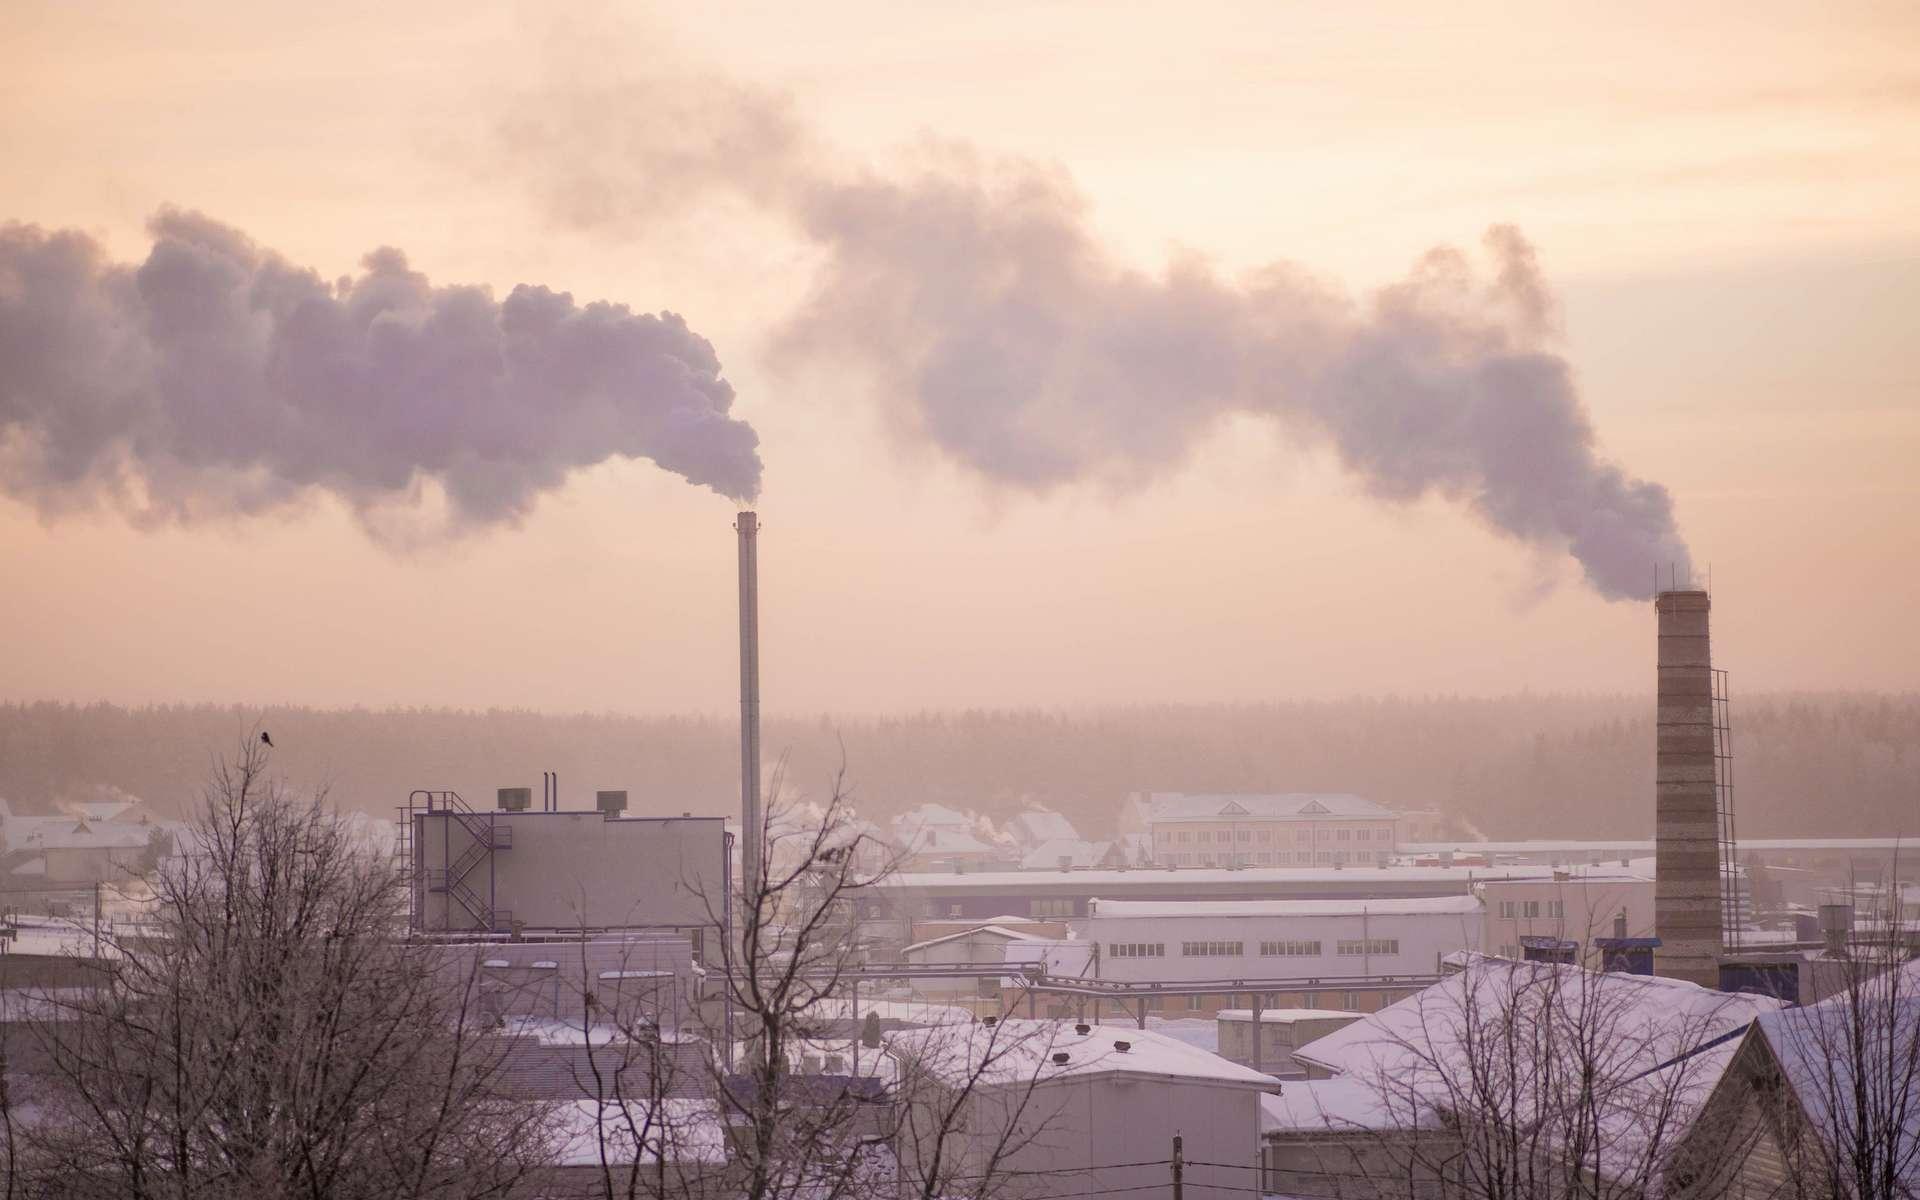 La réduction de la pollution en Europe, principale explication aux hivers très doux. © ale_koziura, Adobe Stock